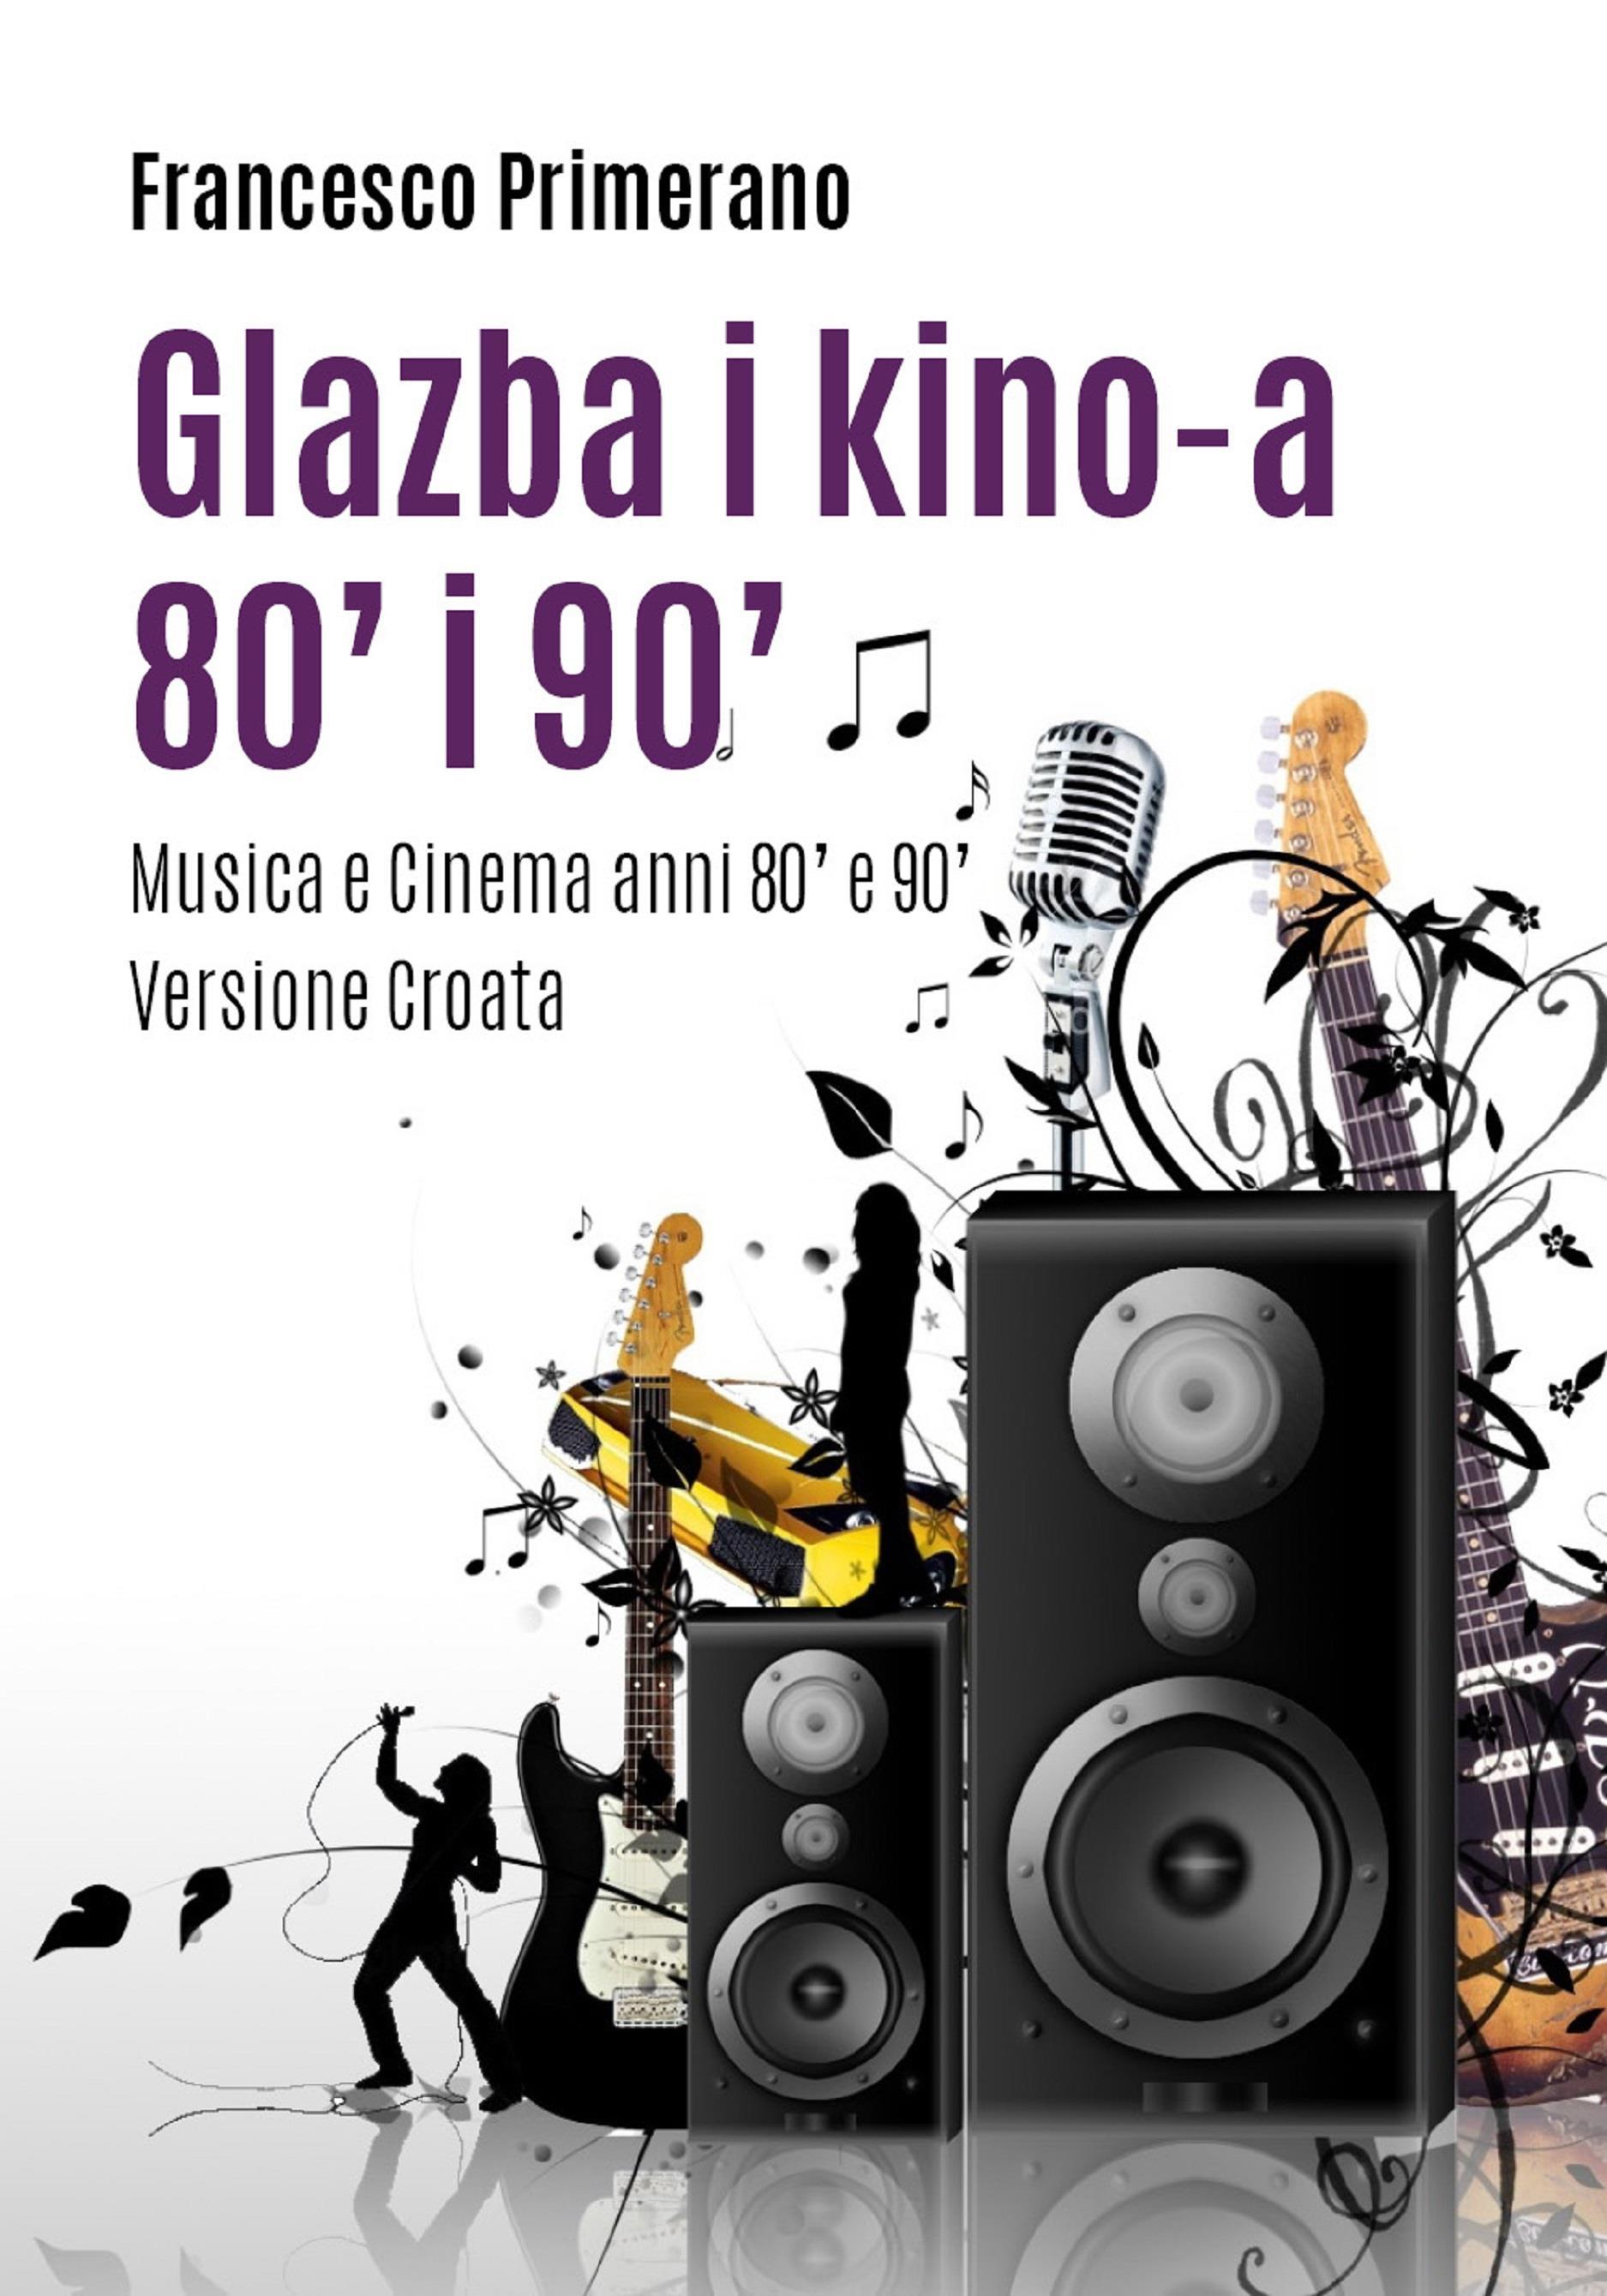 Glazba i kino-a 80' i 90'